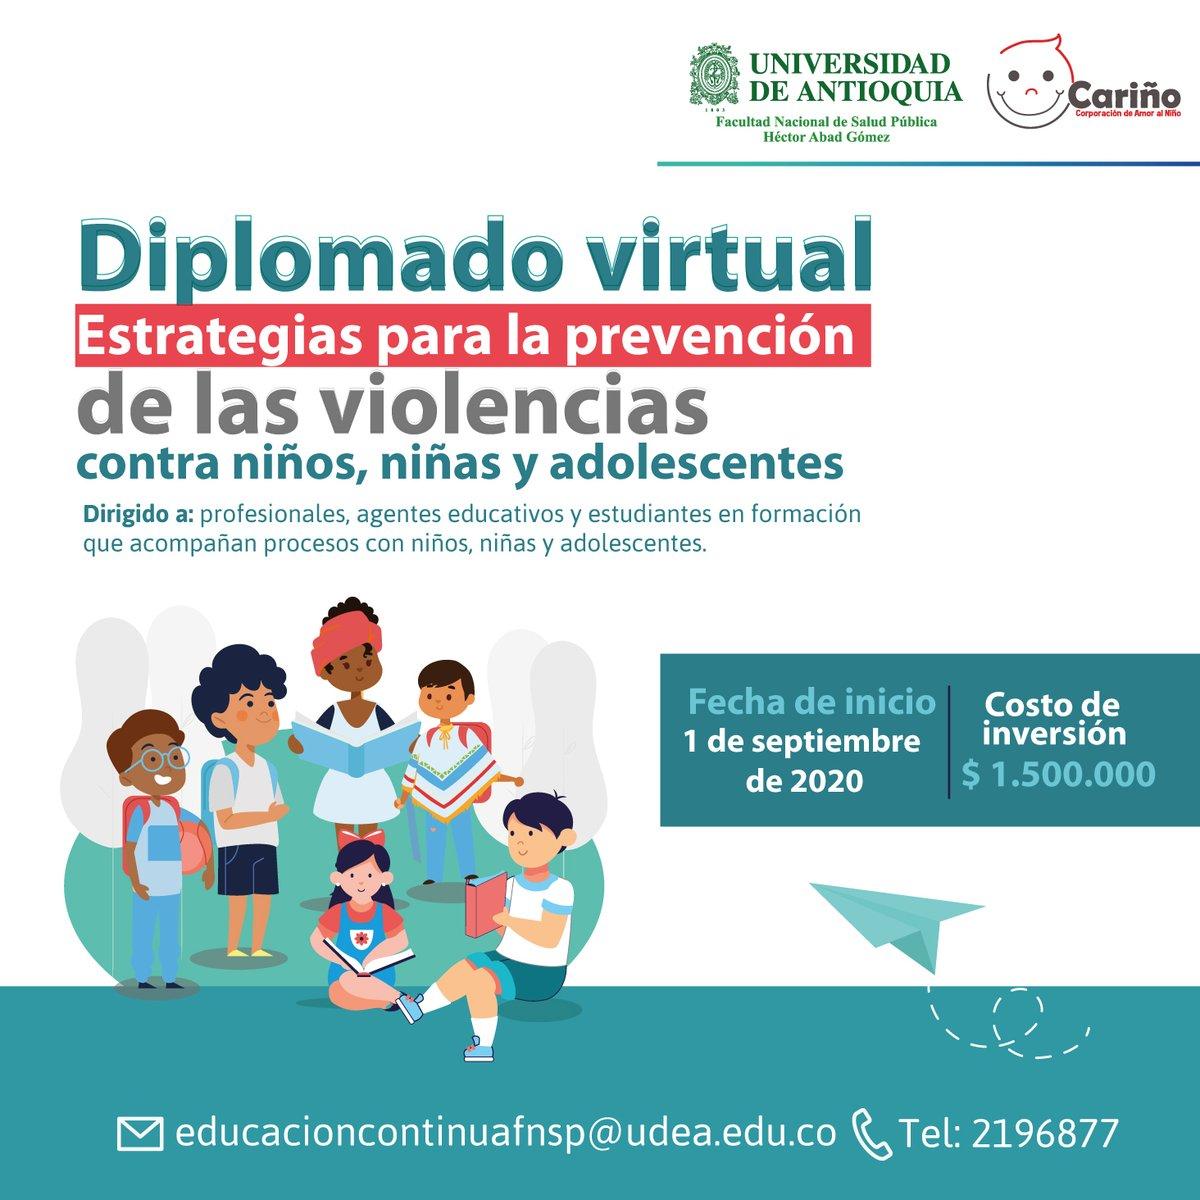 Diplomado virtual Estrategias para la prevención y atención de las violencias contra los niños, niñas y adolescentes.  Inicio: septiembre de 2020 Más información: educacioncontinuafnsp@udea.edu.co https://t.co/ZL949WPI0q https://t.co/XzJhlW1aOj